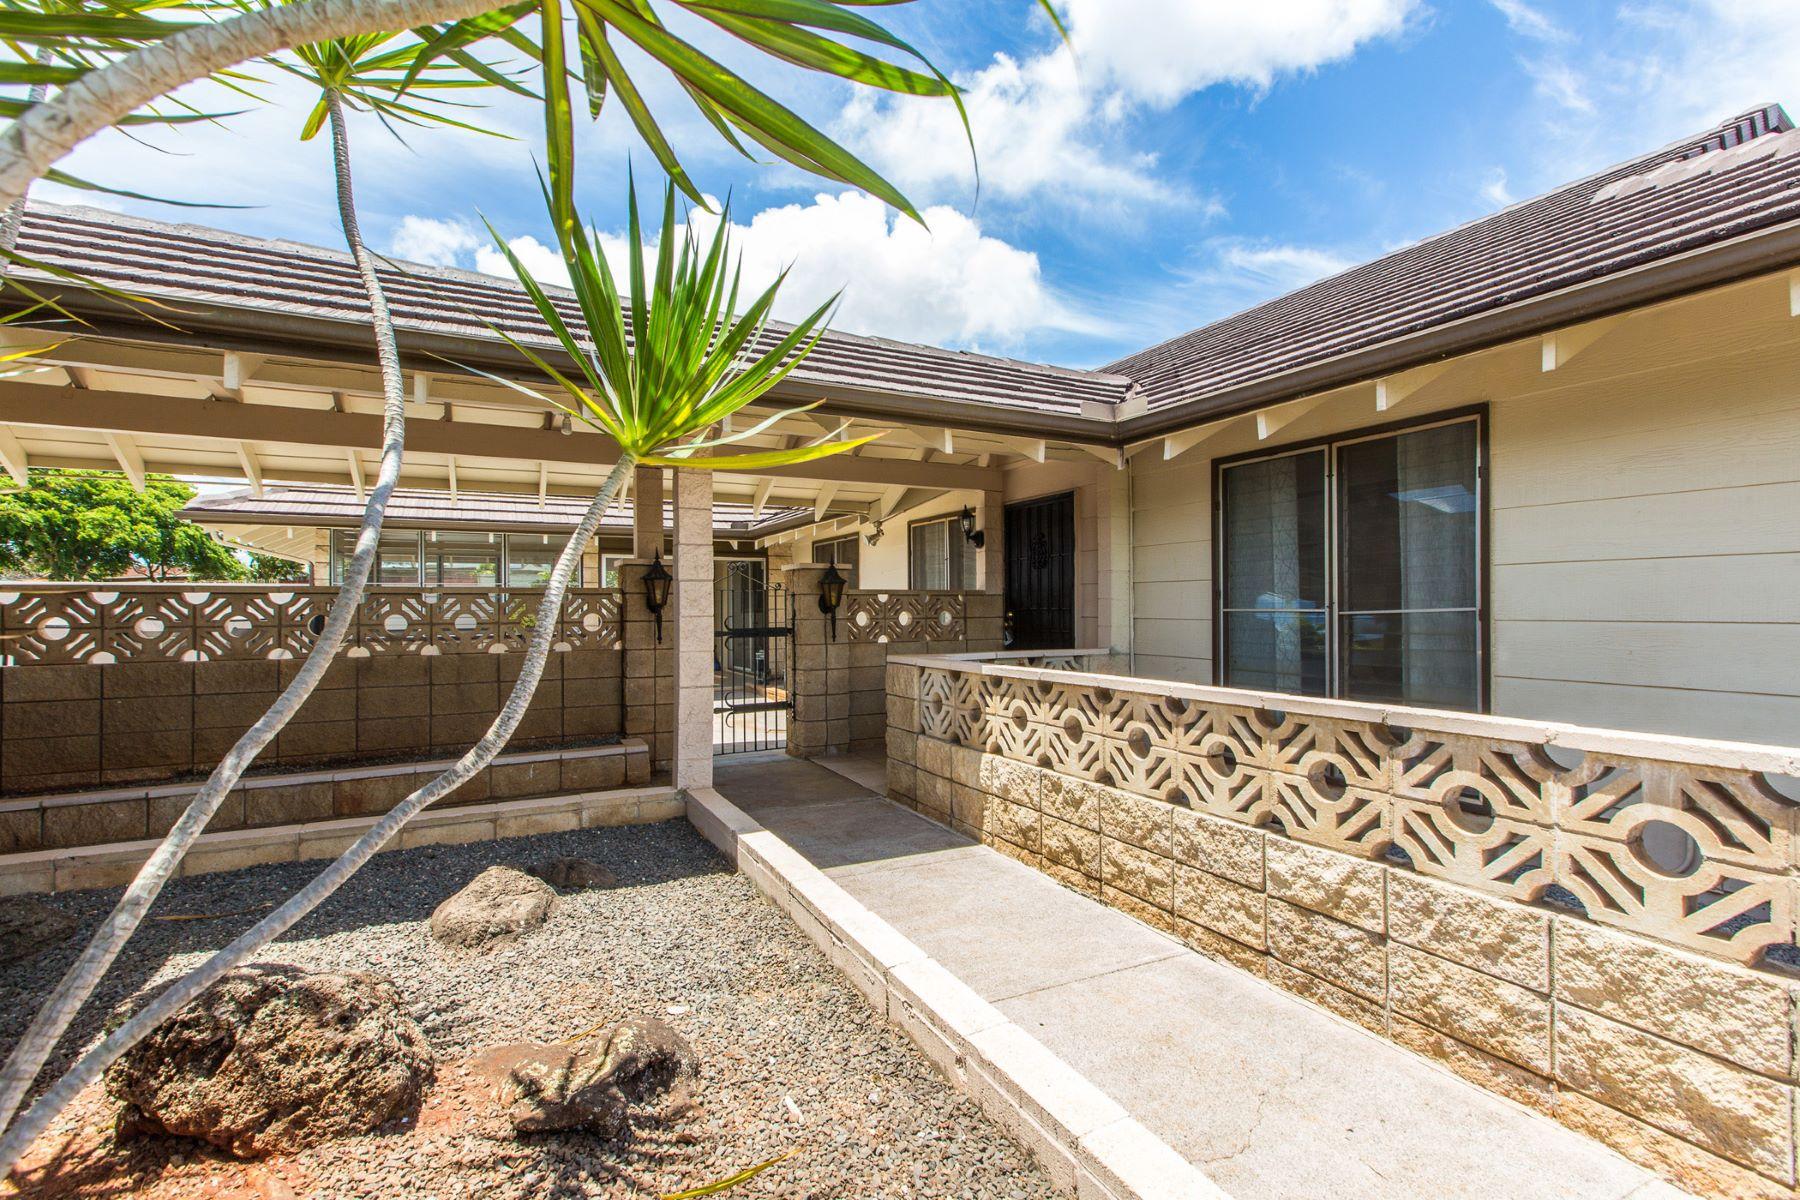 Casa Unifamiliar por un Venta en Remodeled Mililani 95-201 Kahiku Place Mililani, Hawaii 96789 Estados Unidos